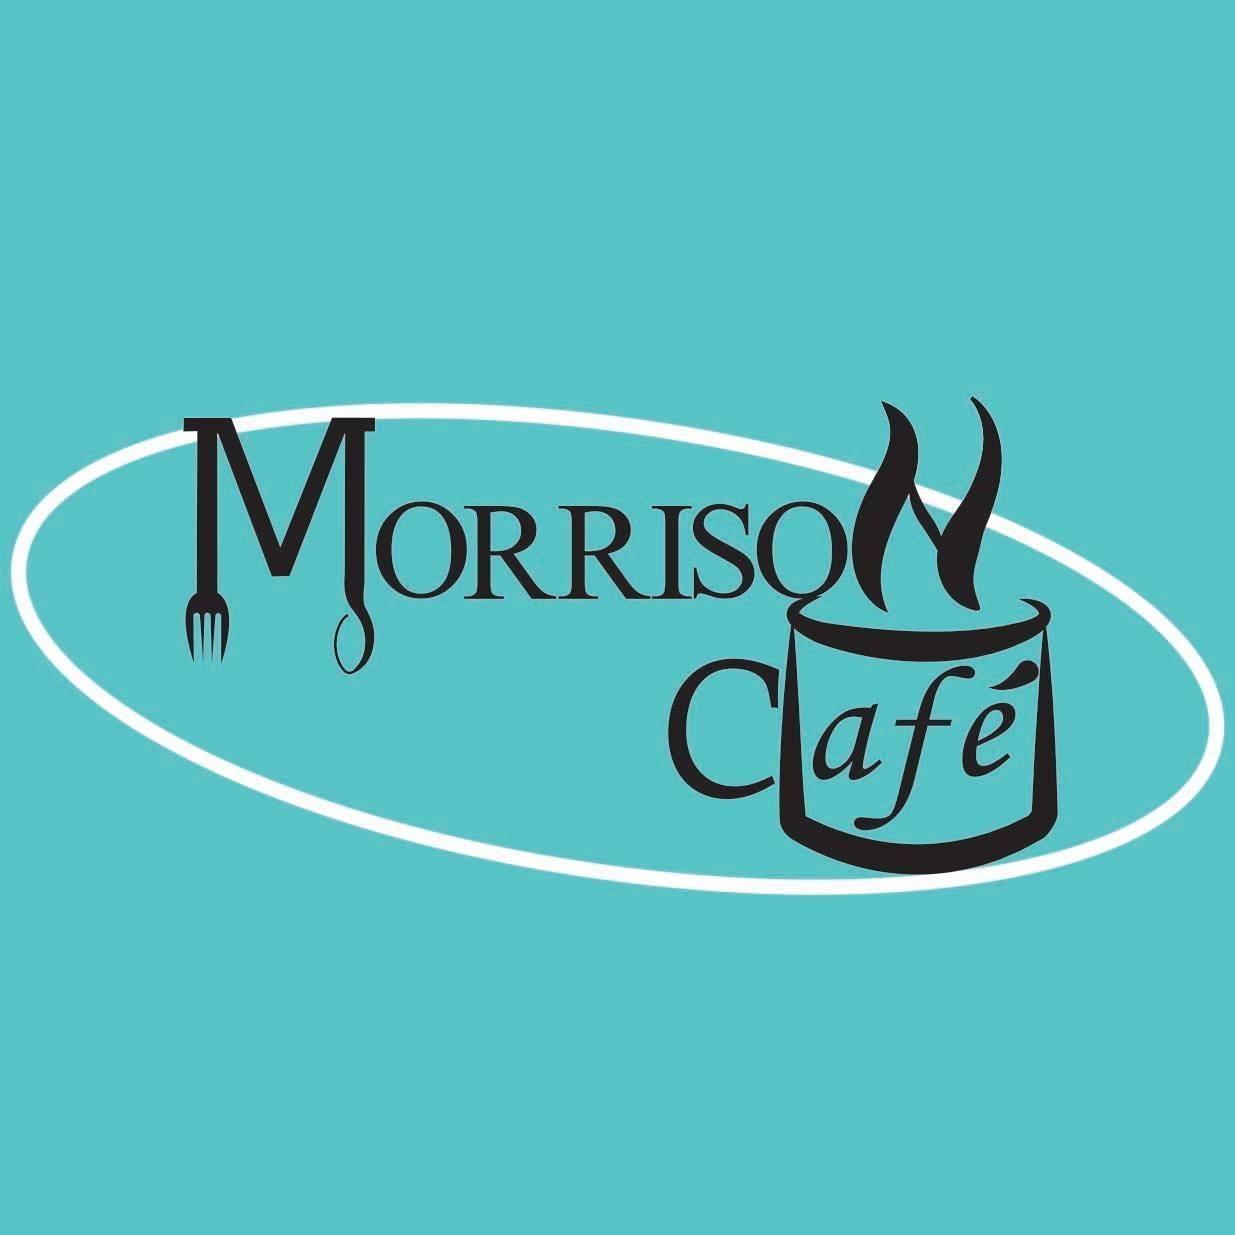 Morrison Cafe